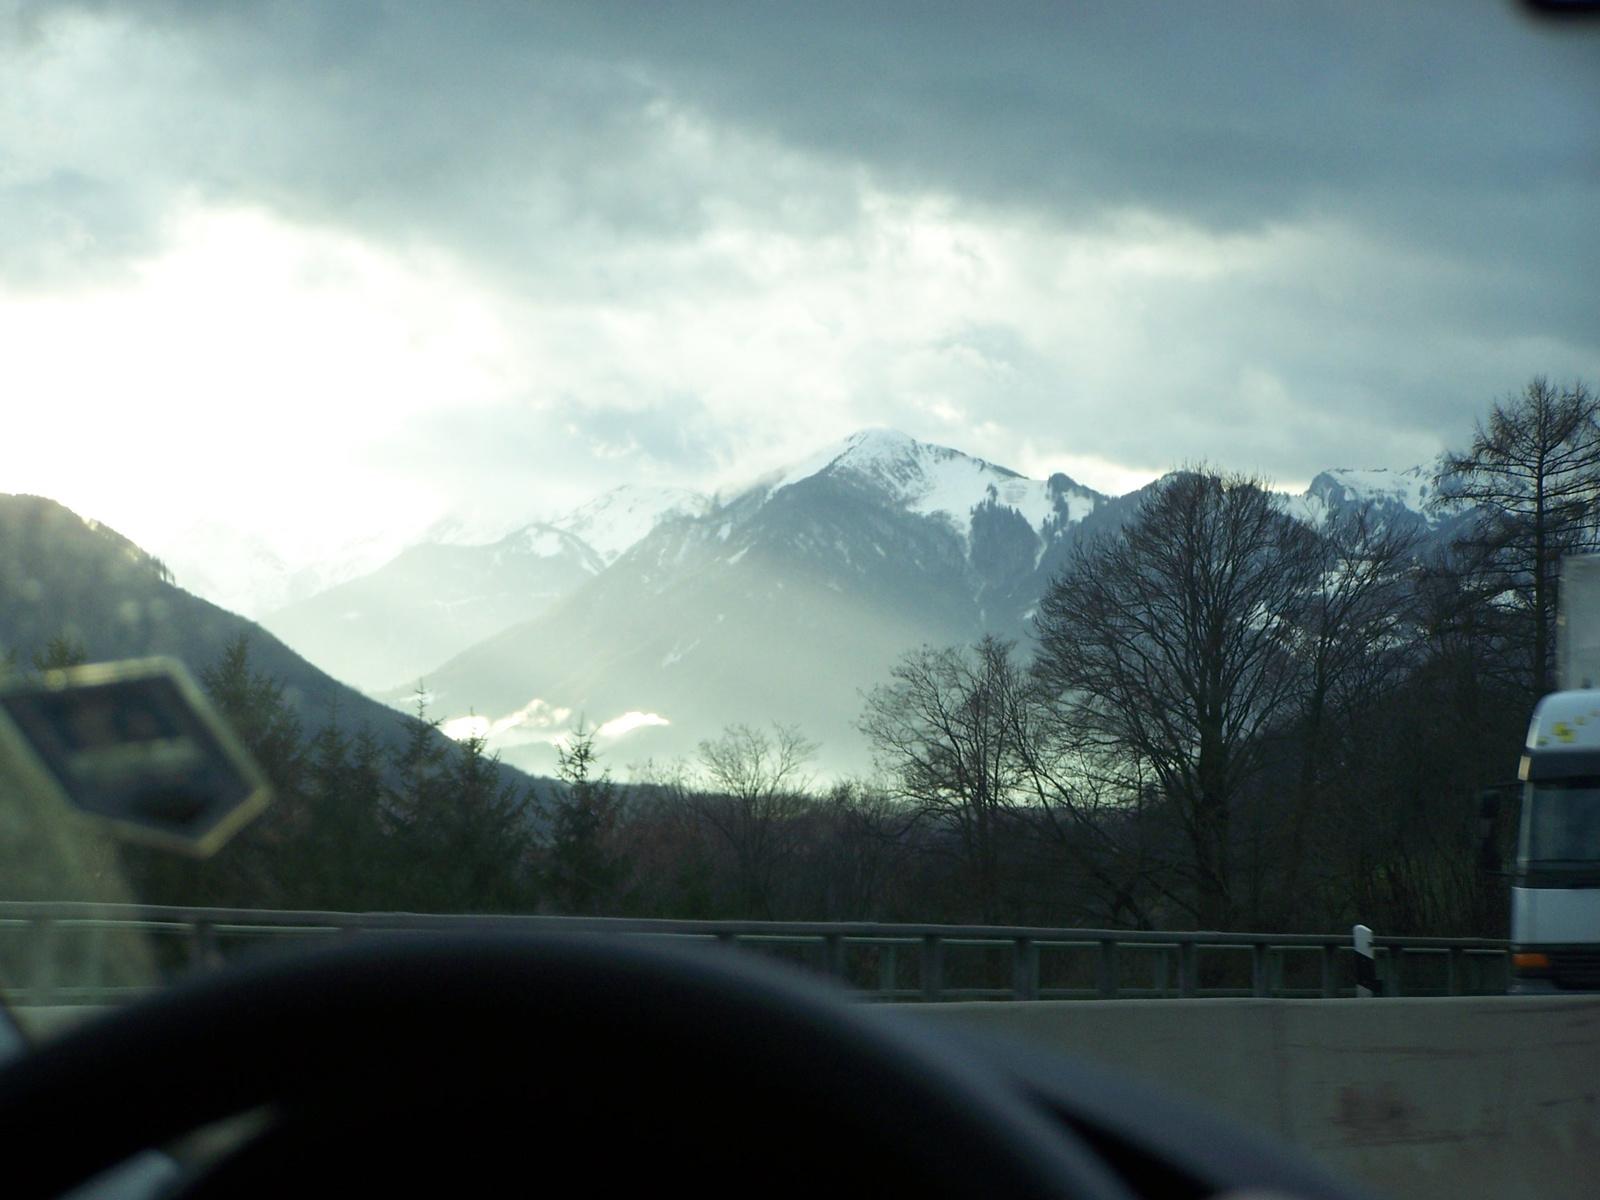 hegyek a szélvédőn keresztül